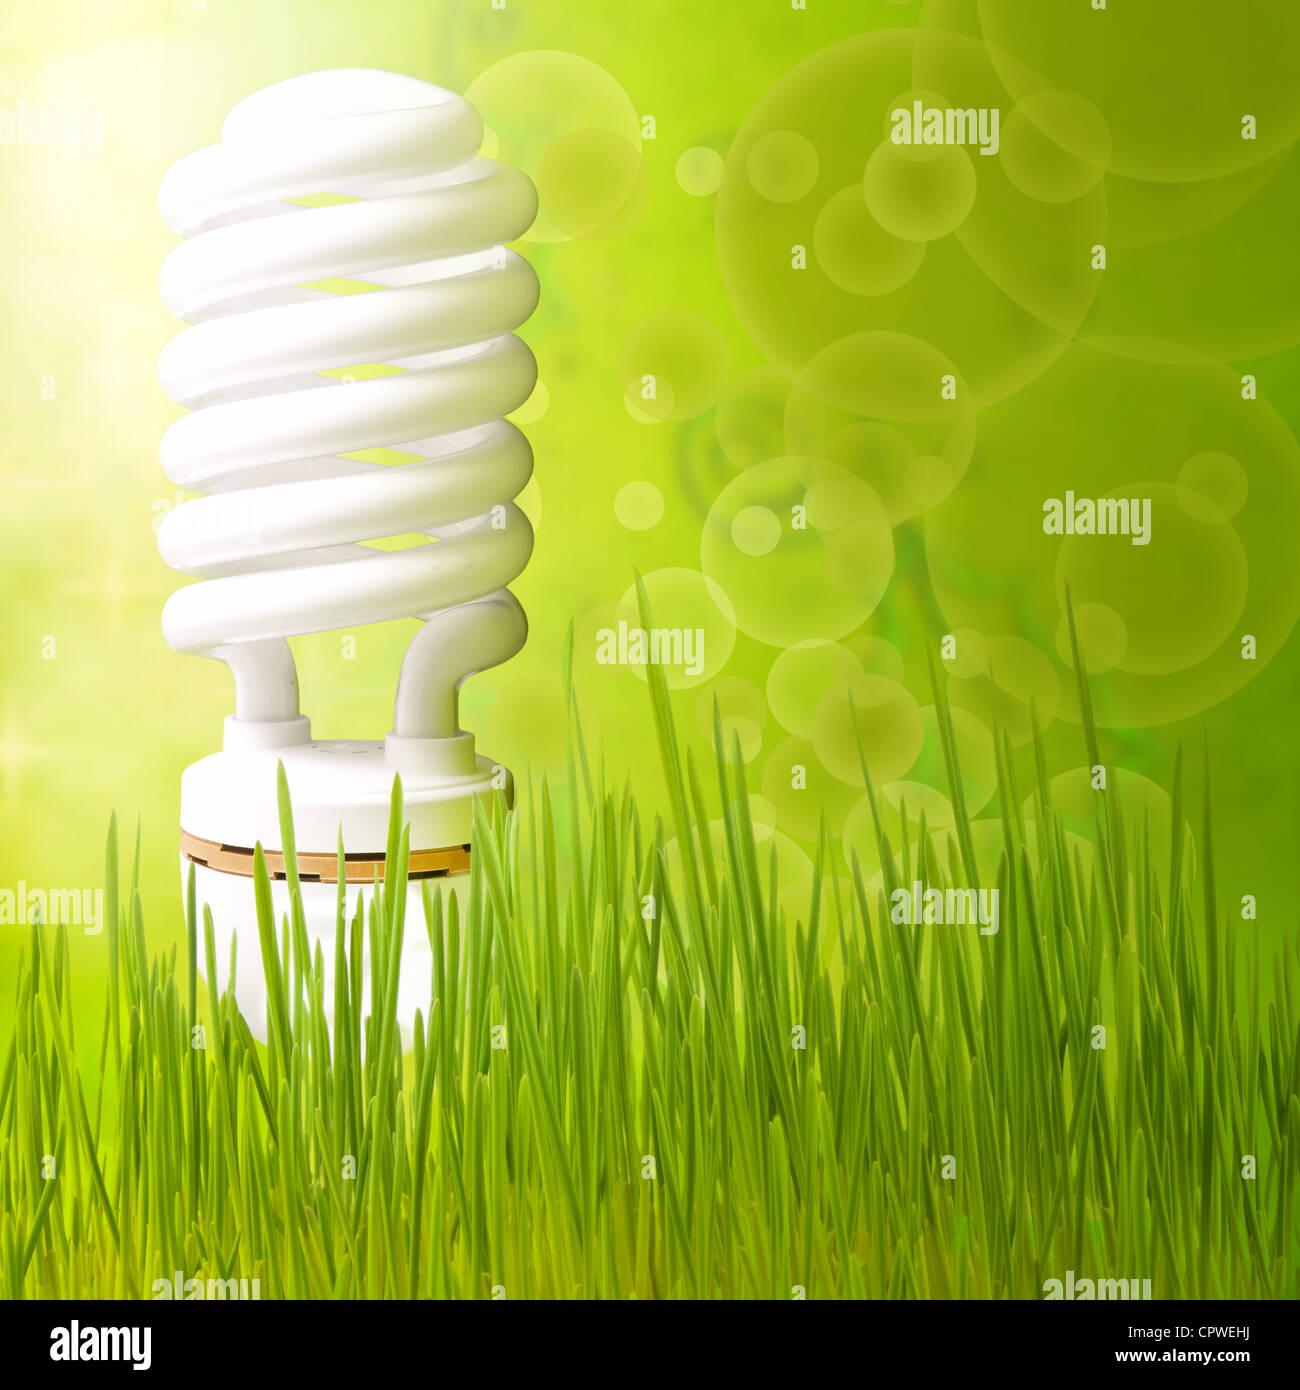 Sparen Sie Energie Konzept Hintergrund abstrakt Grün Stockbild